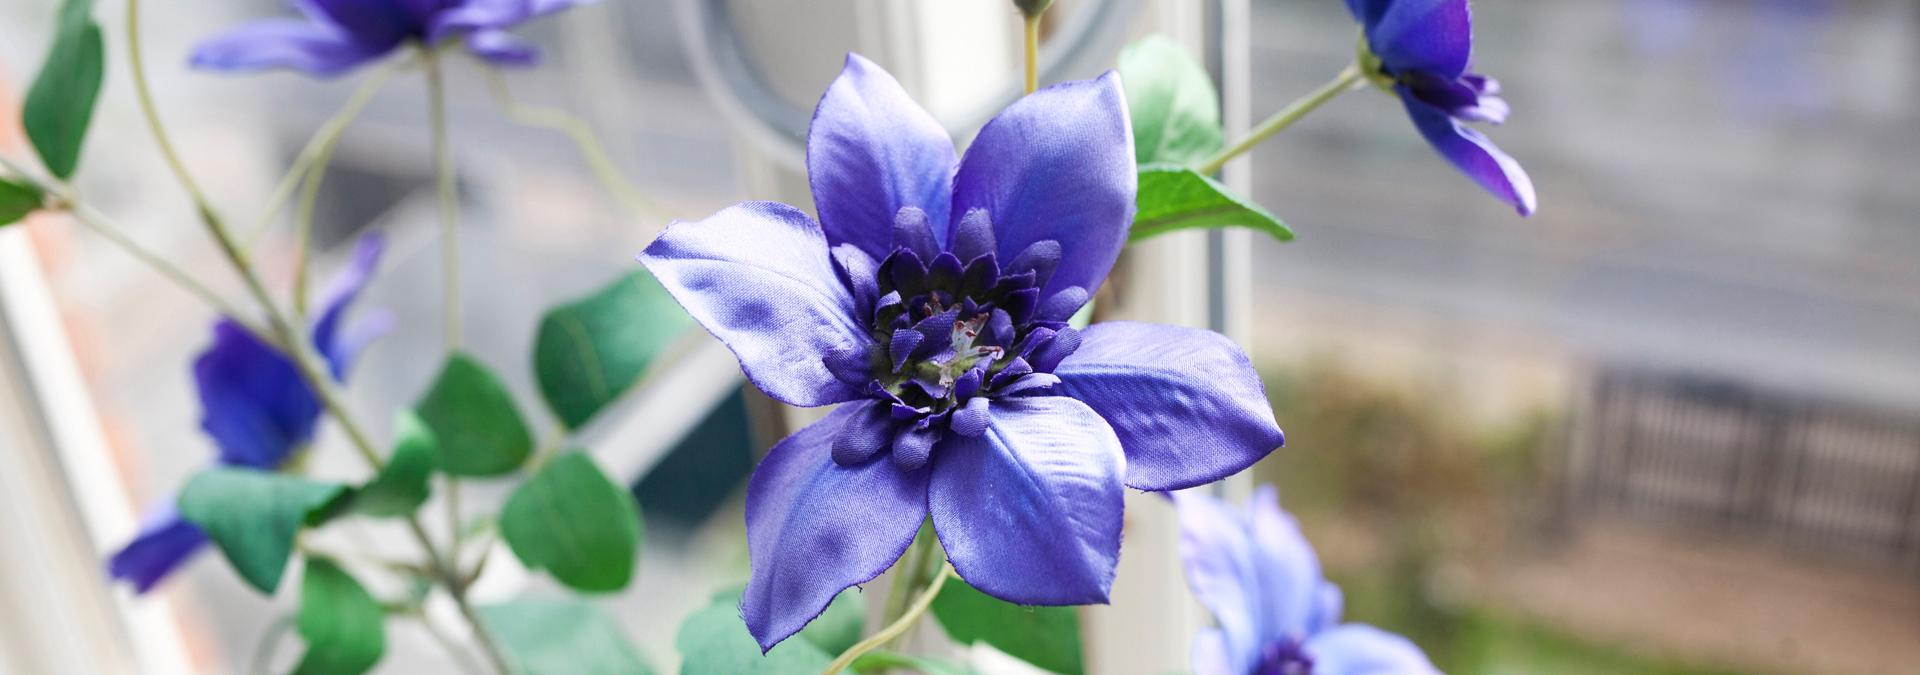 Blå blomst i vindue på krisecenter